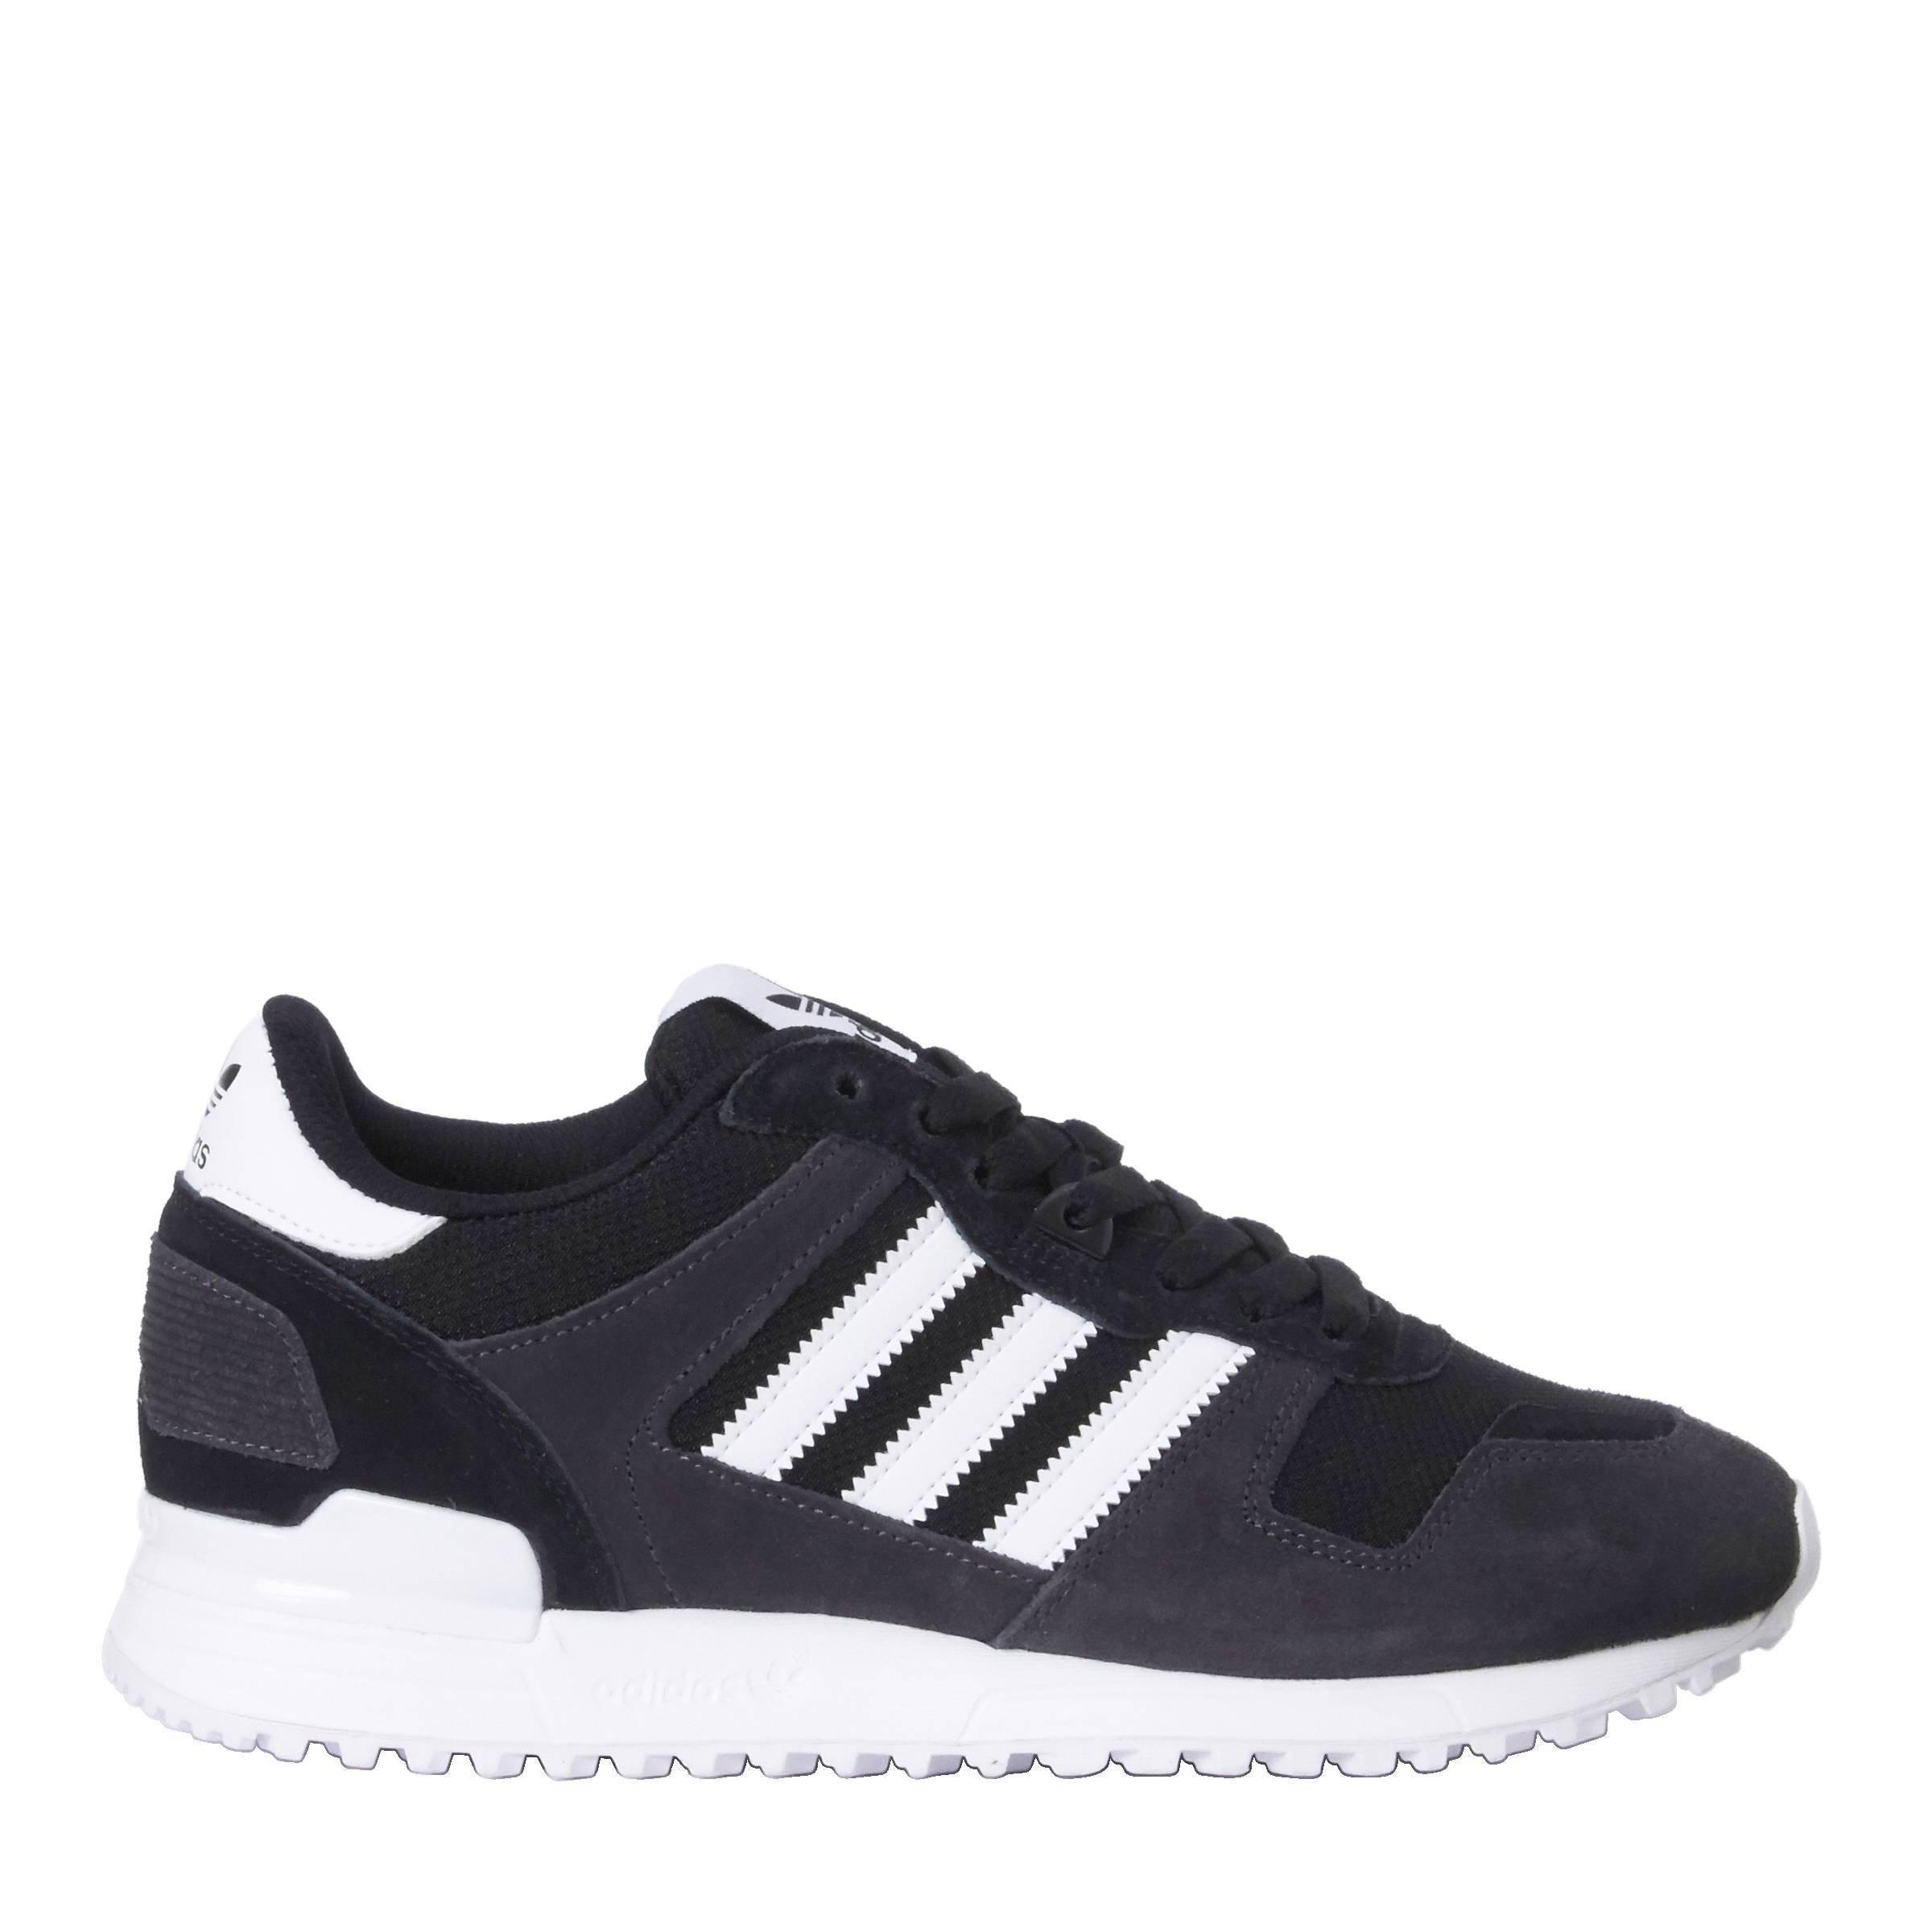 adidas zx 700 kinder